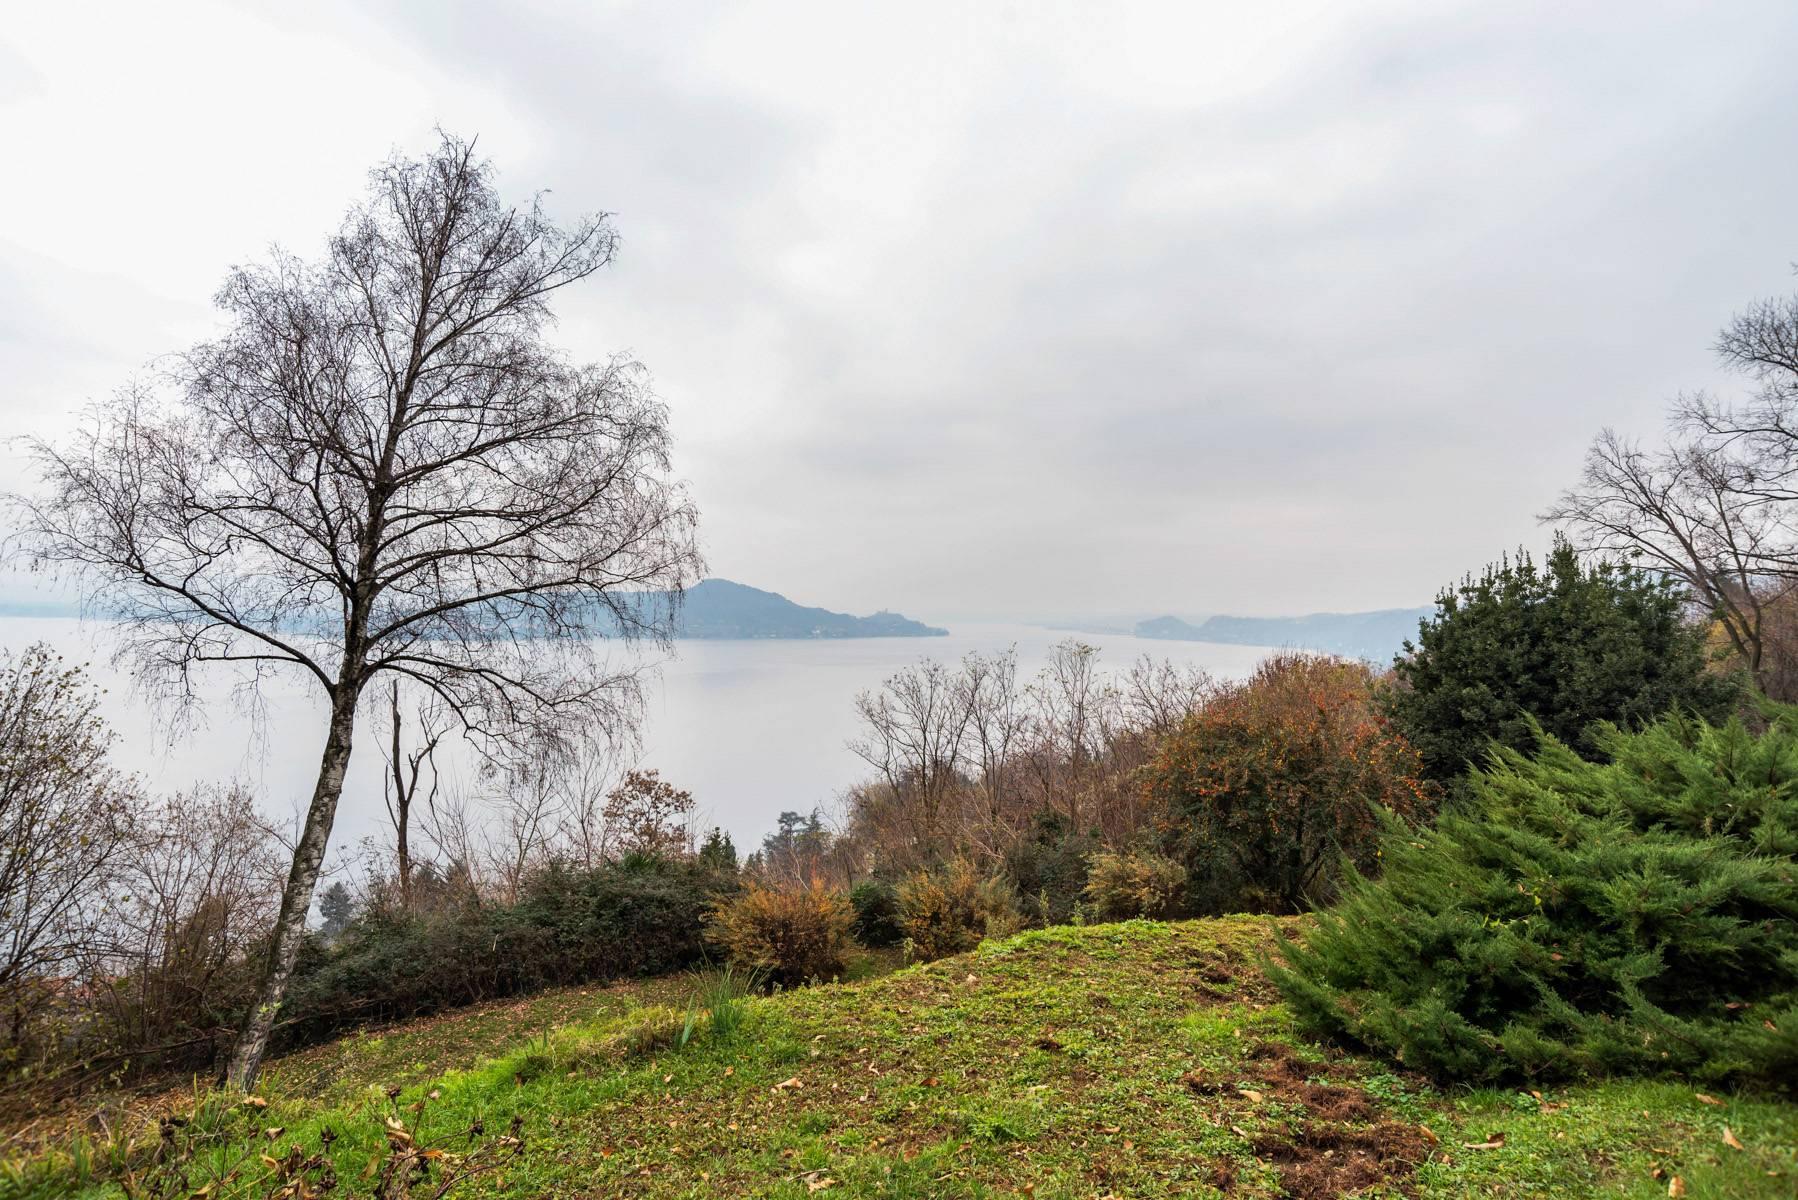 Villa in Vendita a Massino Visconti: 5 locali, 200 mq - Foto 2